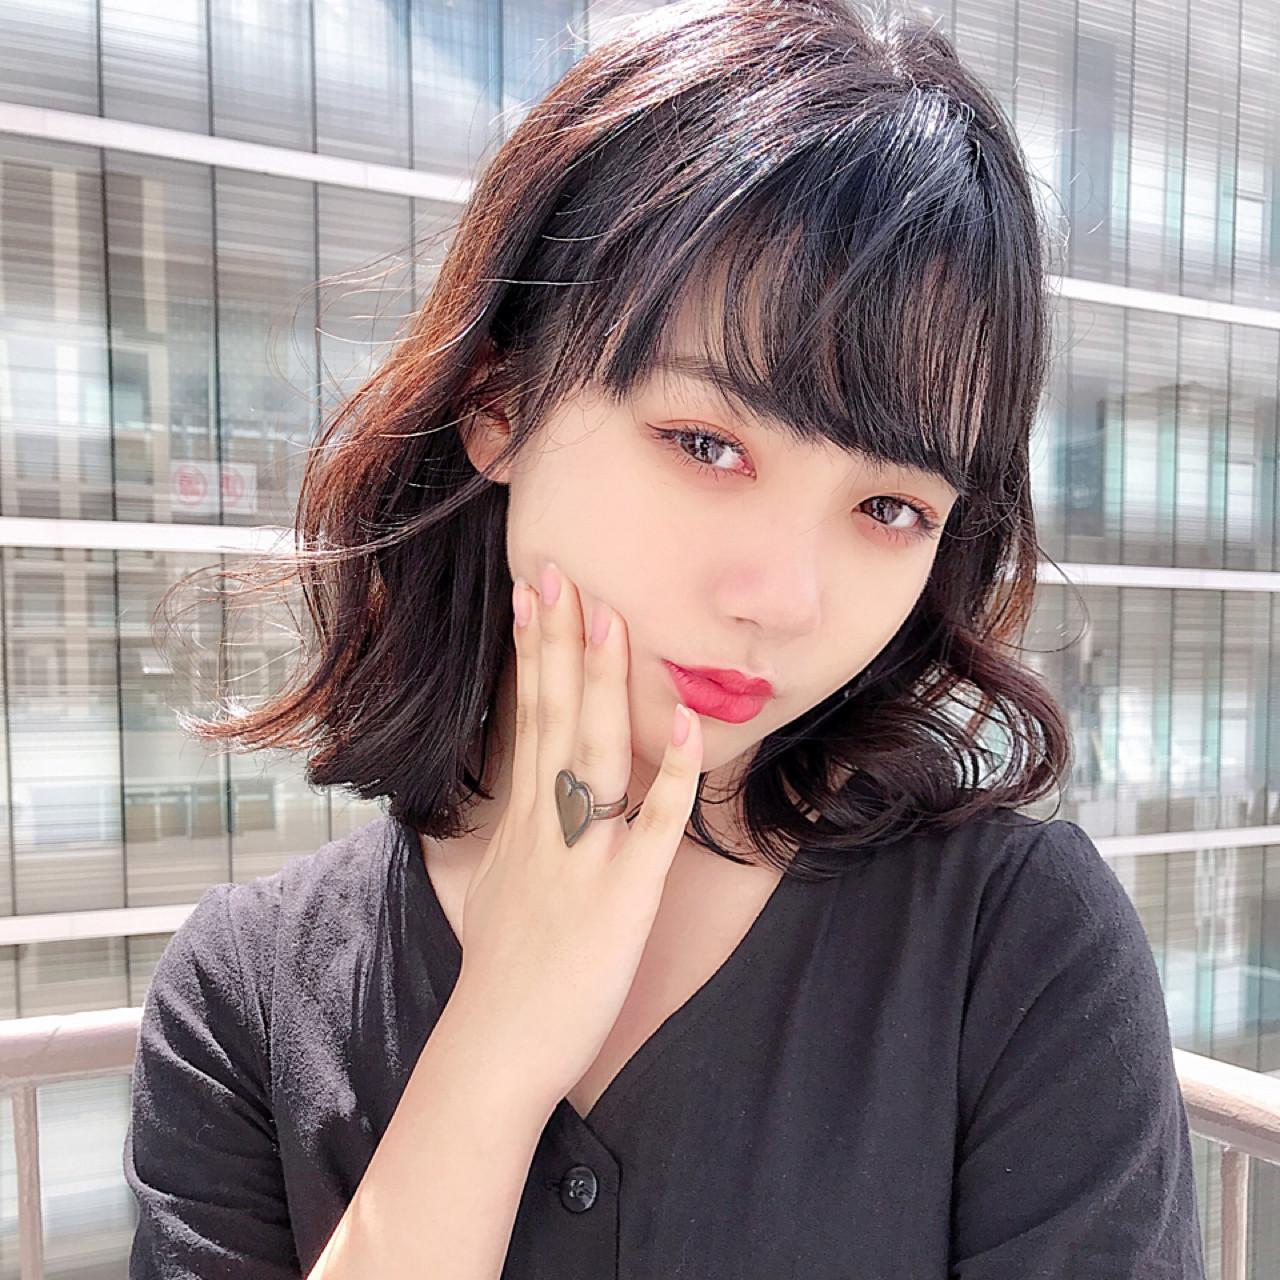 おしゃれな前髪2019年版。顔タイプ別に似合うトレンド前髪を紹介の6枚目の画像